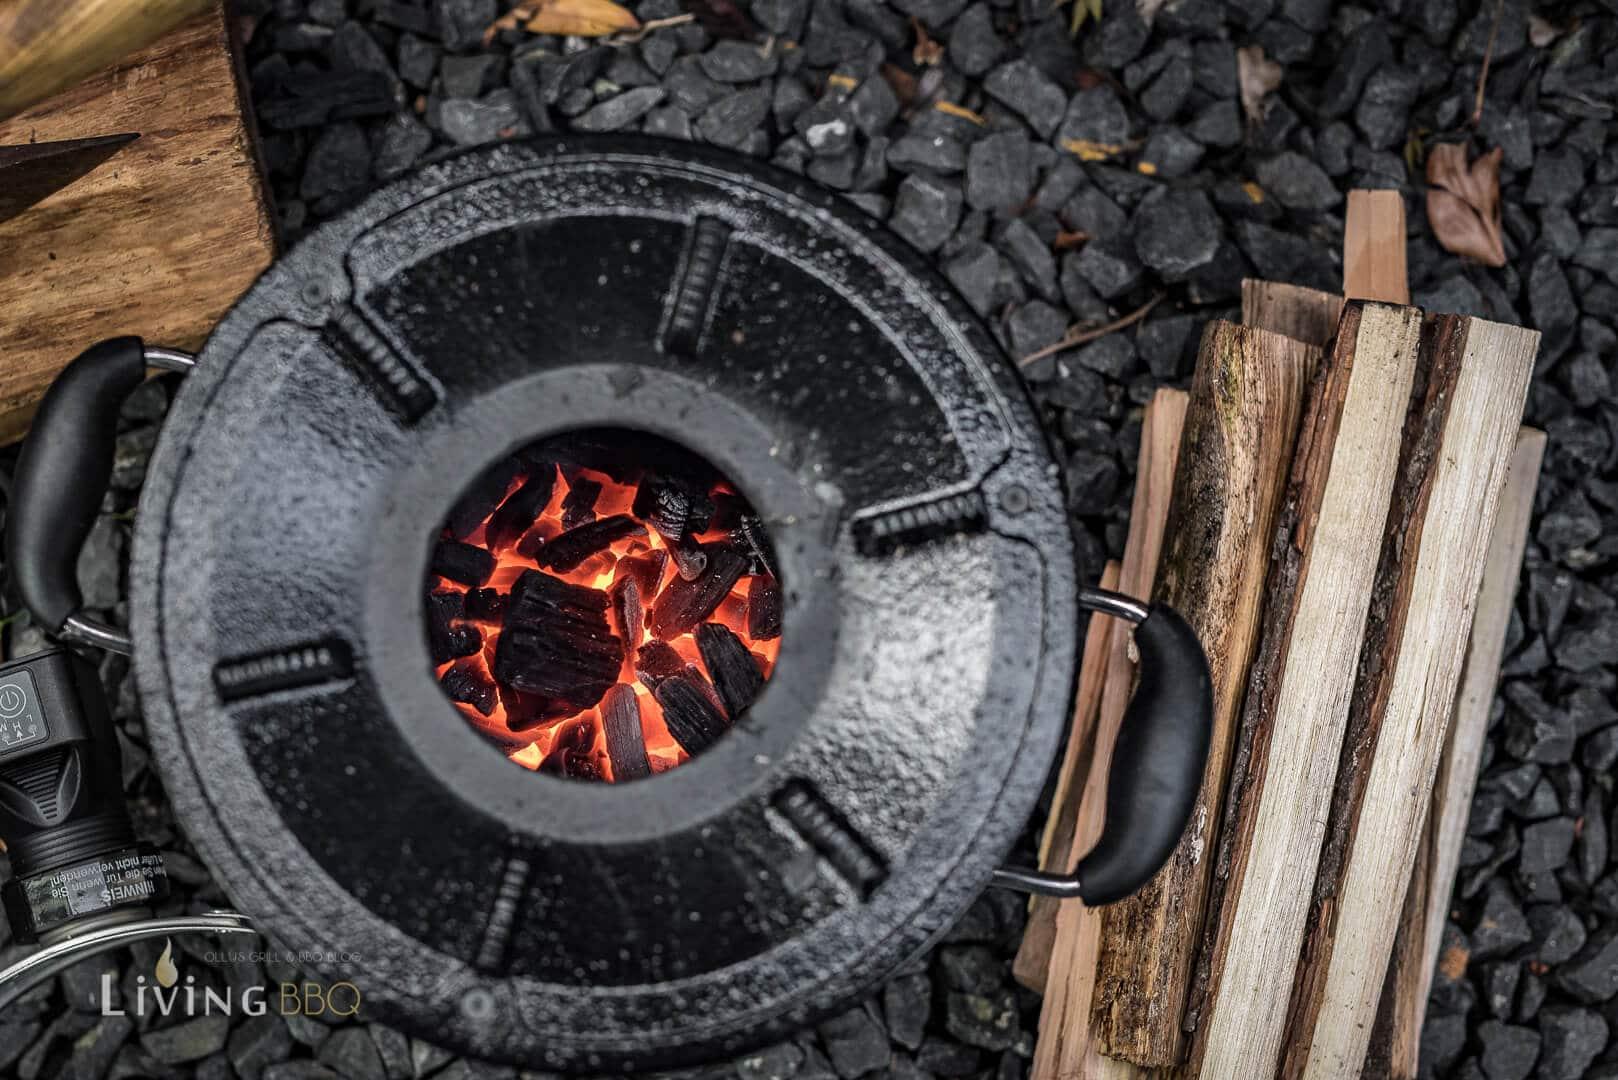 Raktenofen mit Holzkohle betreiben _Raketen Ofen 15 von 32